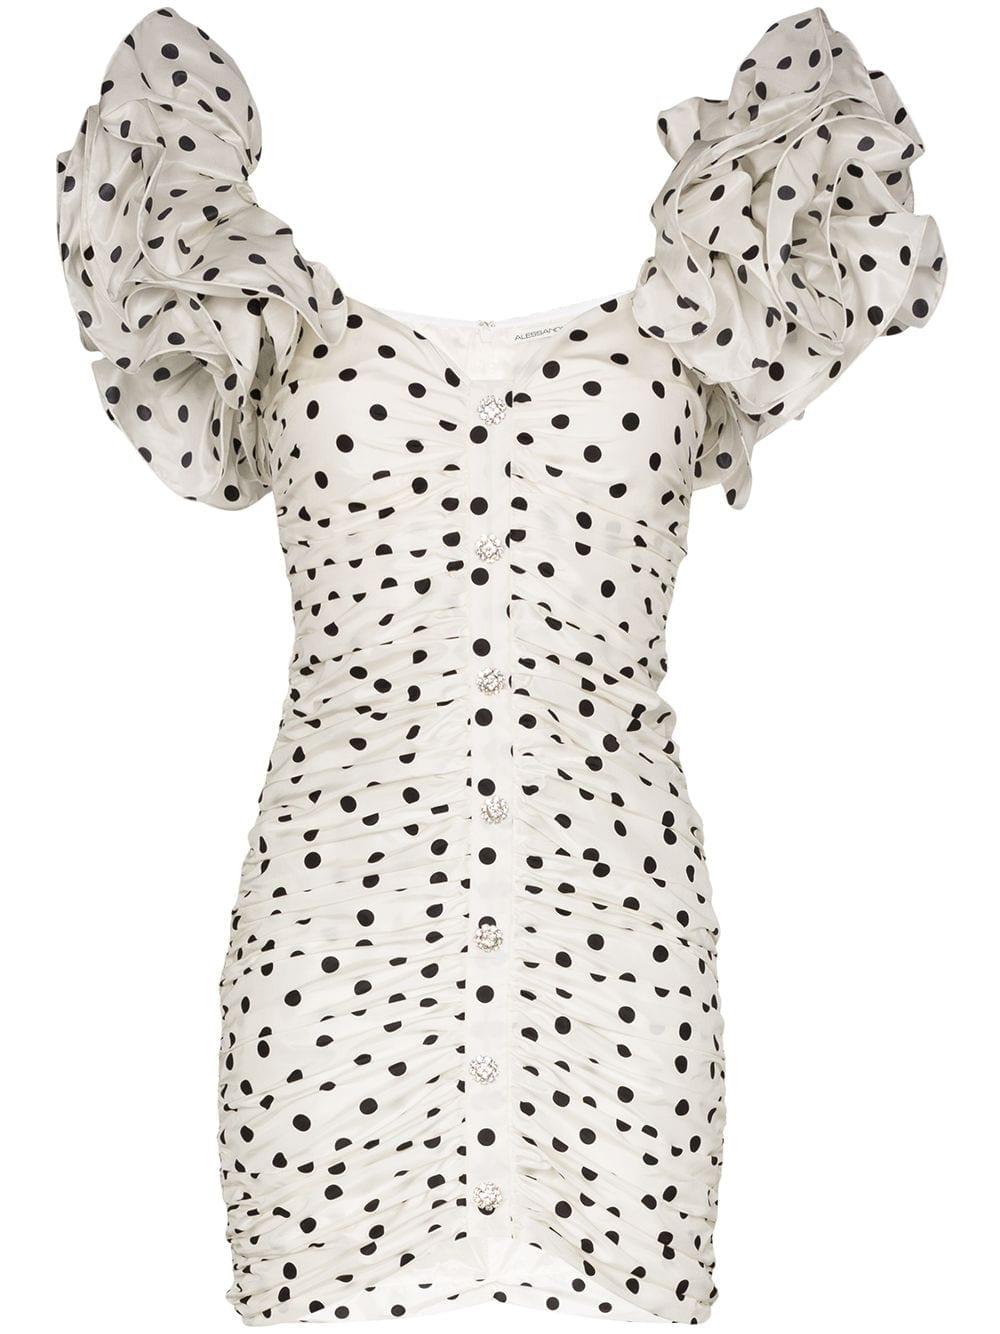 ALESSANDRA RICH Polka Dot Puff-sleeve Mini Dress